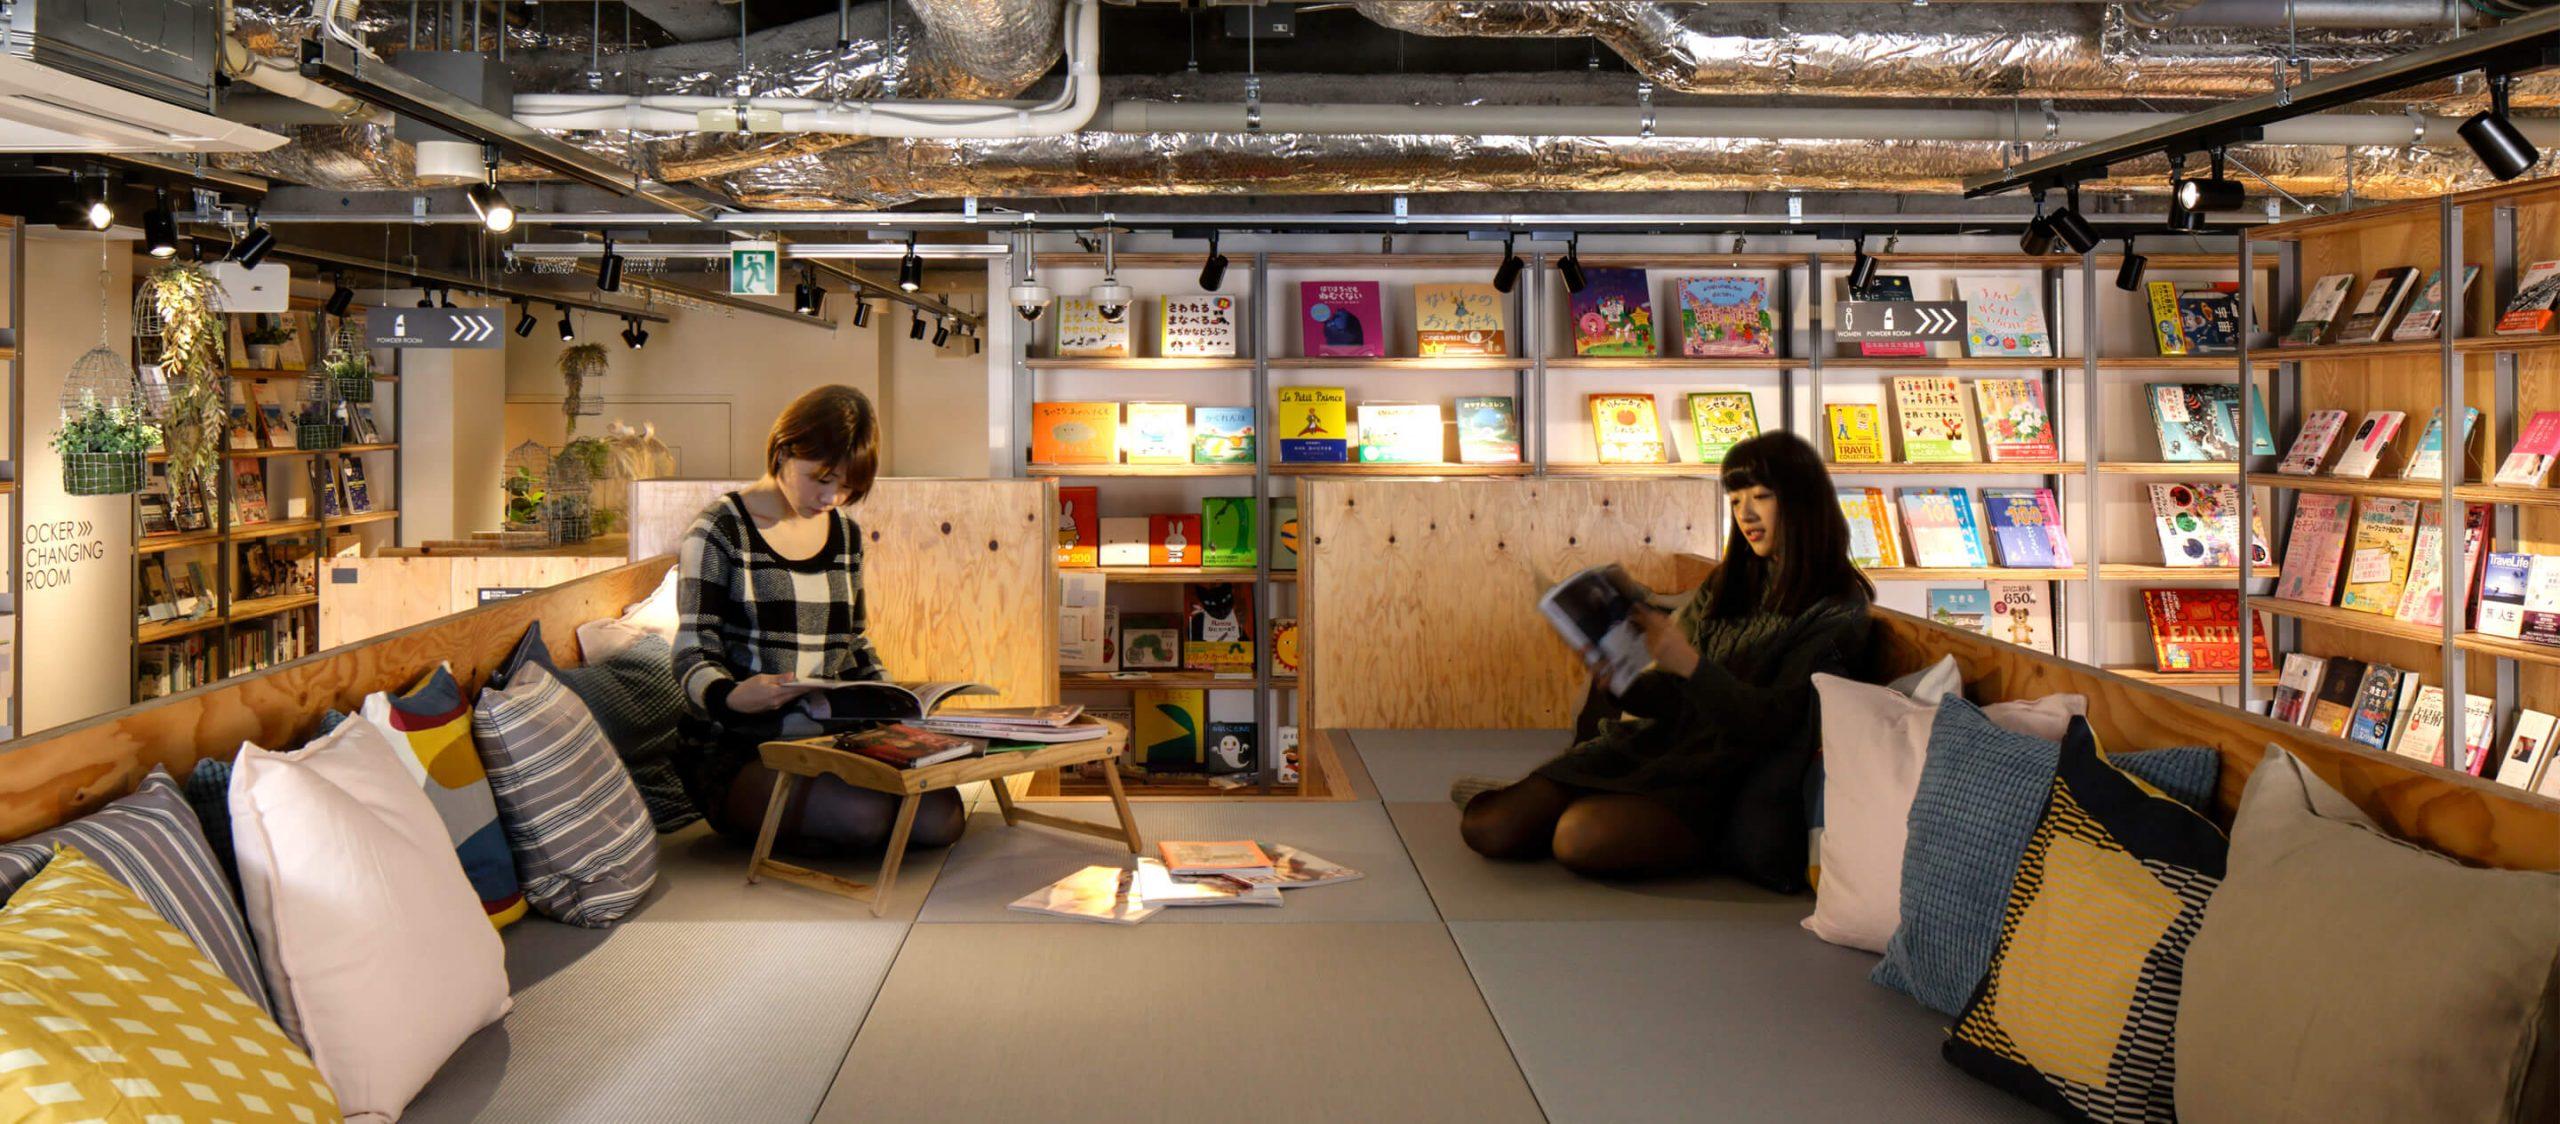 TSUTAYA BOOK APARTMENT : อพาร์ตเมนต์ใจกลางชินจูกุที่มีหนังสือเป็นเจ้าบ้านรอให้ทุกคนมาตกหลุมรัก